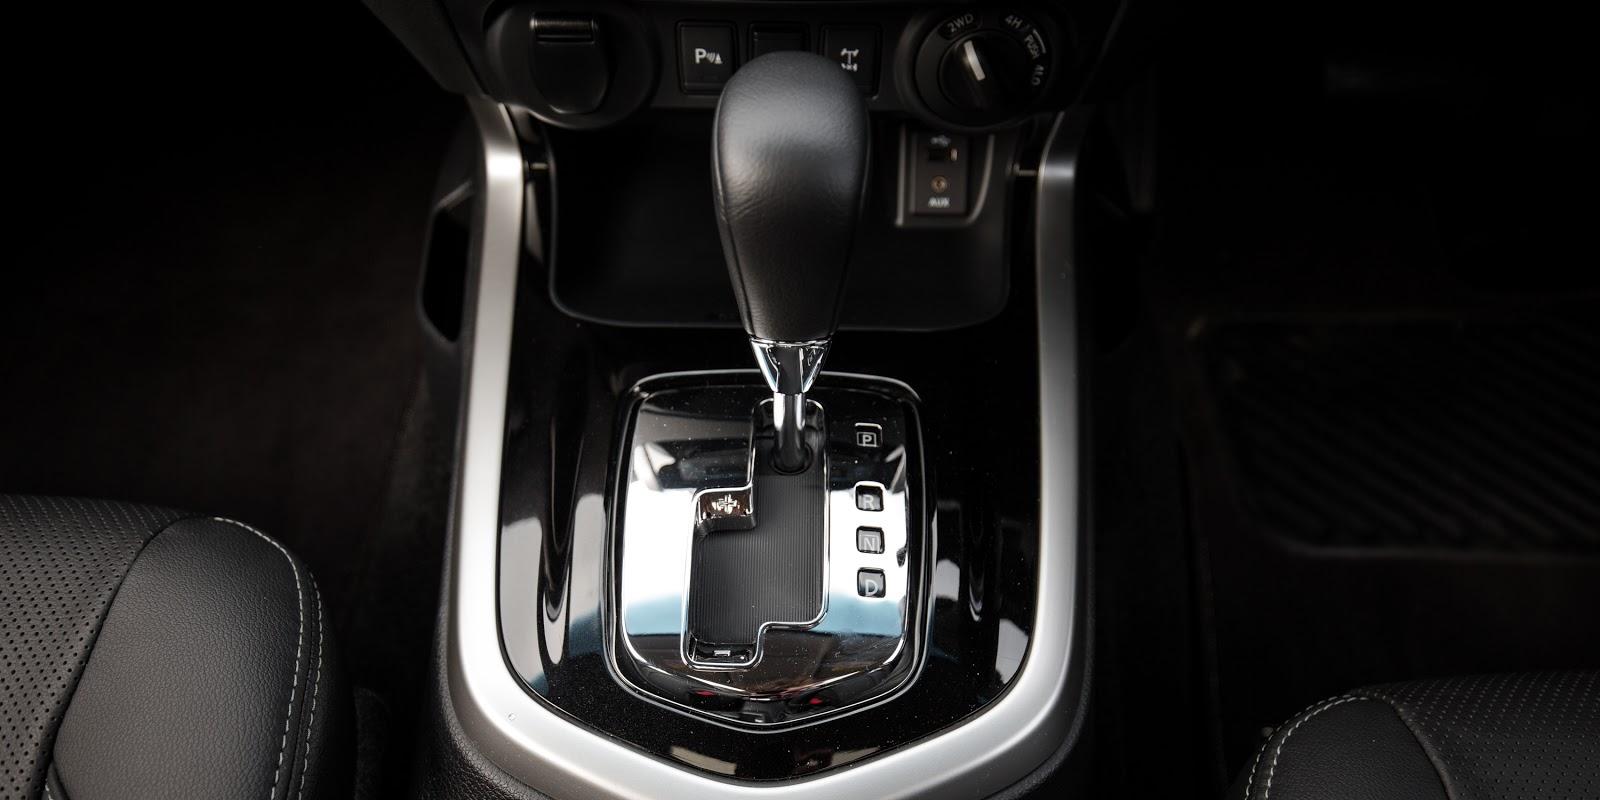 Xe được trang bị tùy chọn động cơ số sàn hoặc số tự động